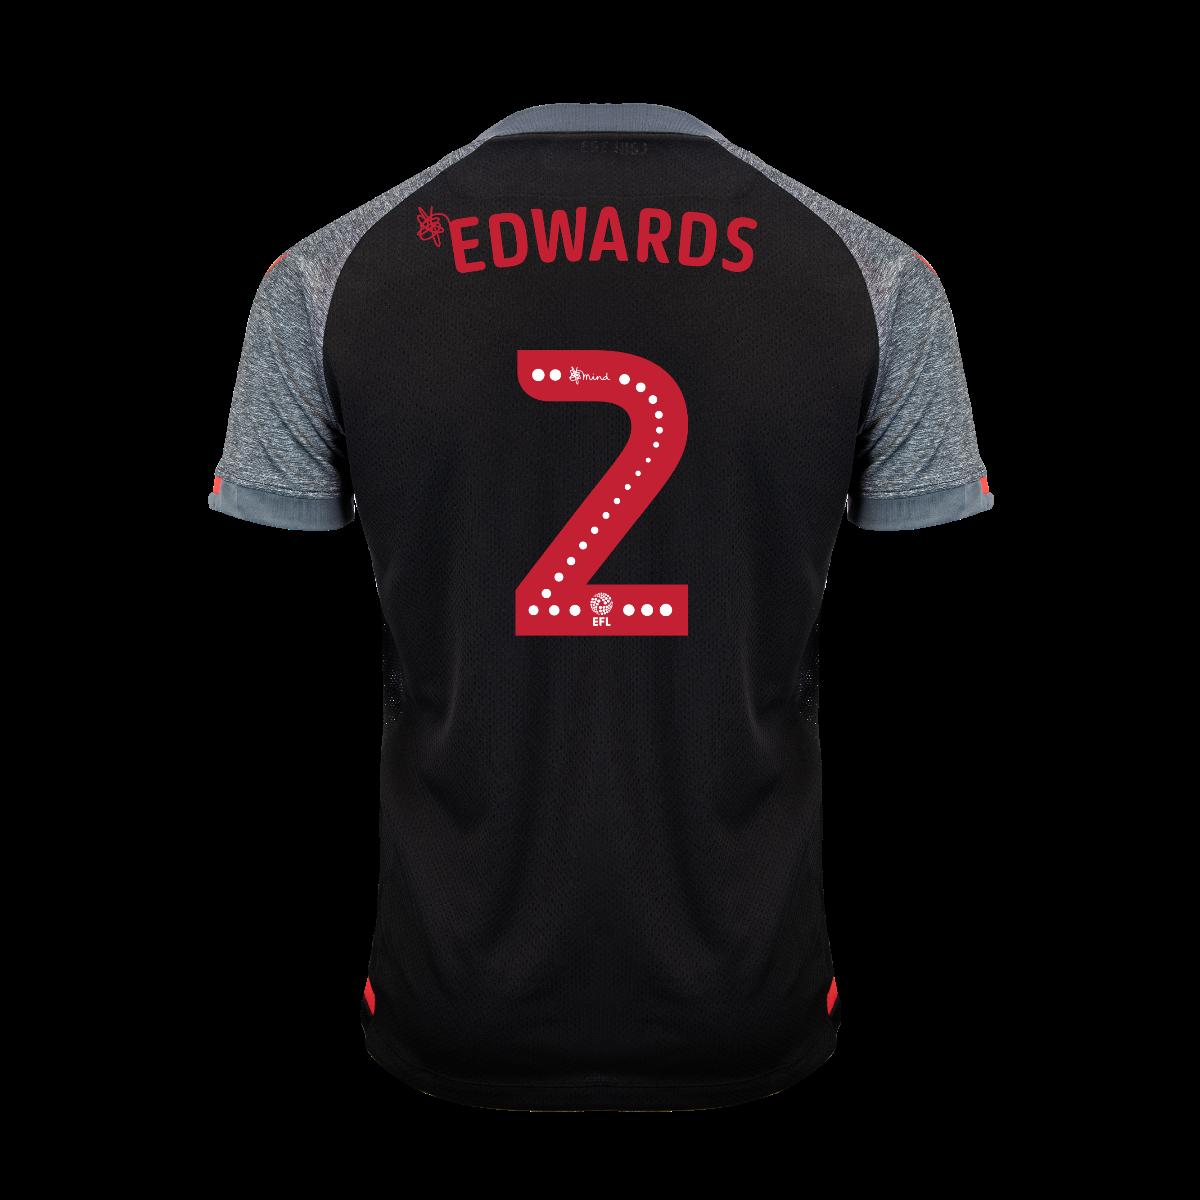 2019/20 Ladies Away Shirt - Edwards